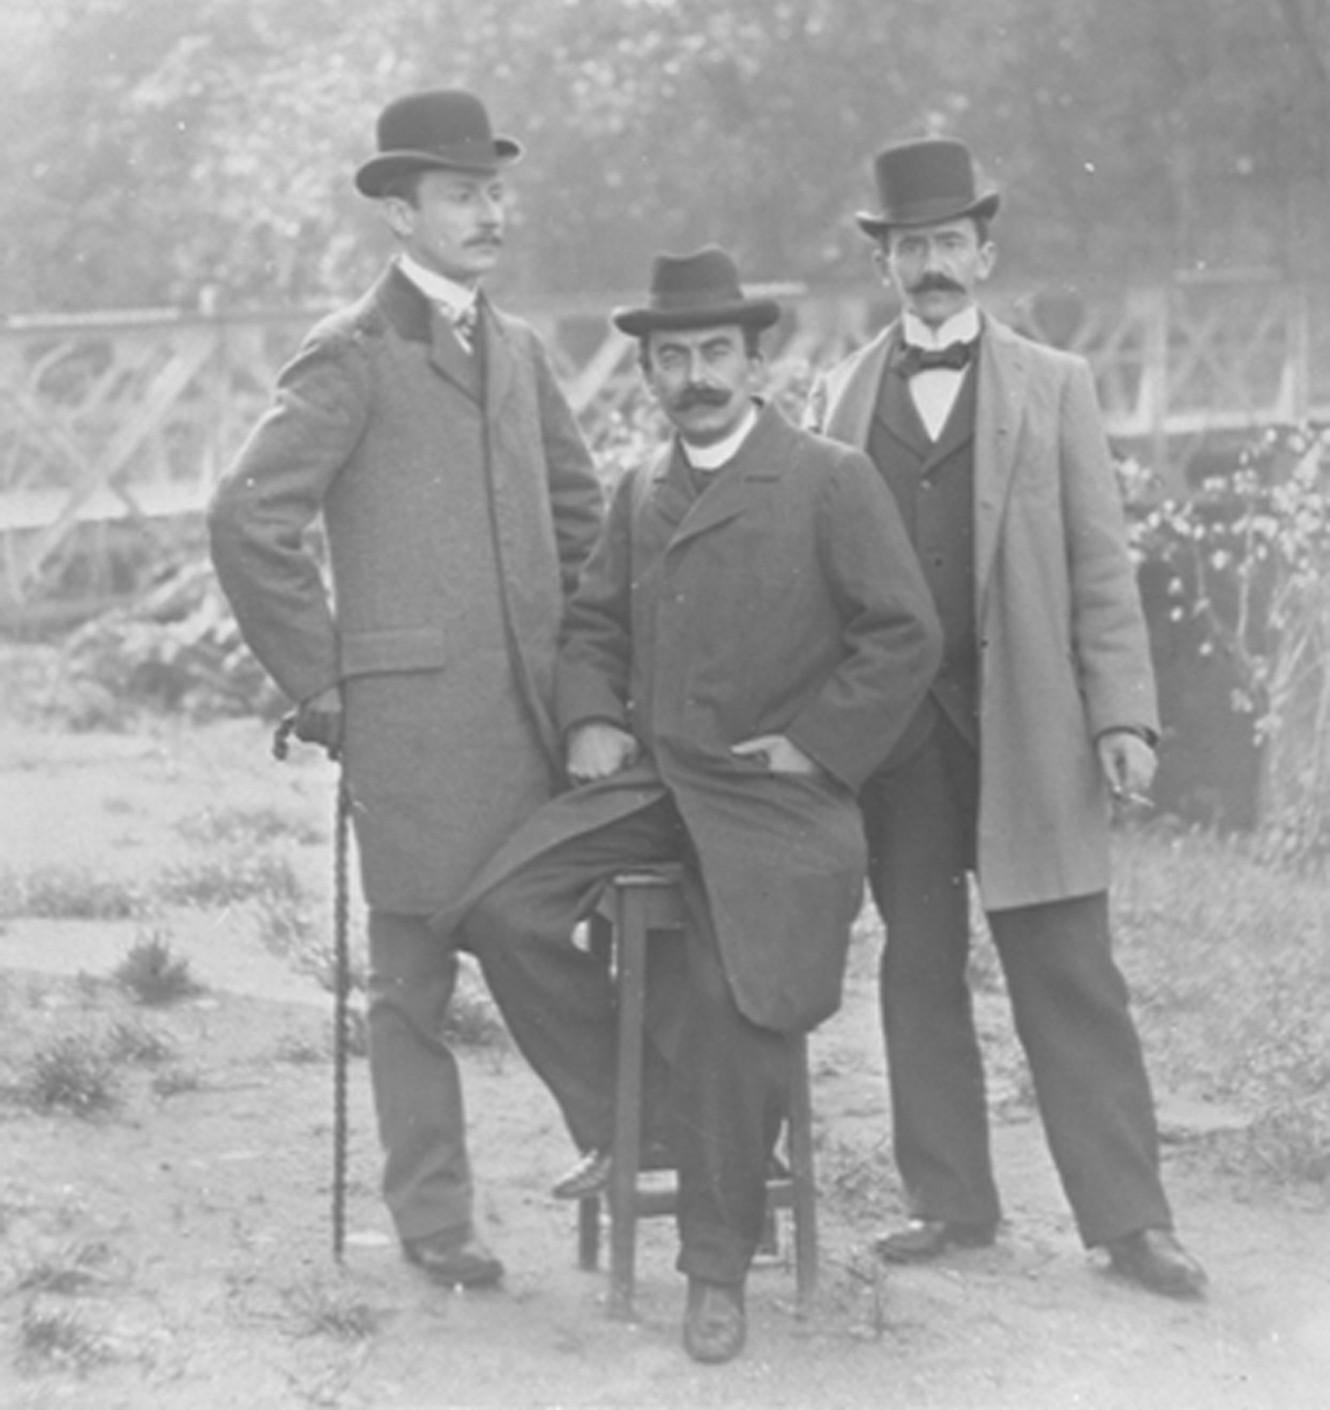 Geneva 1895